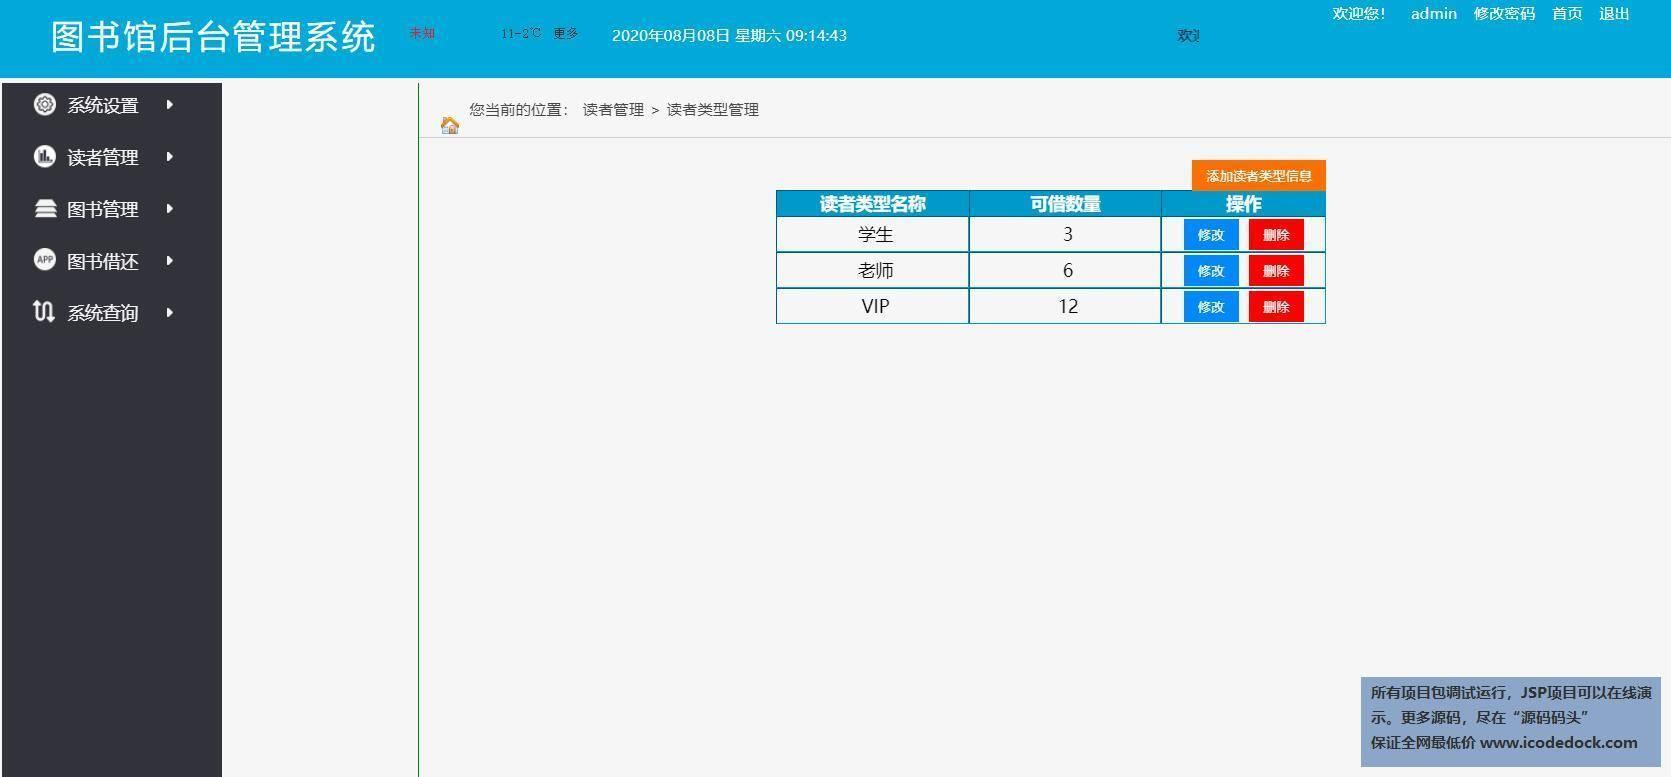 源码码头-JSP实现的图书管理系统-管理员角色-读者类型管理